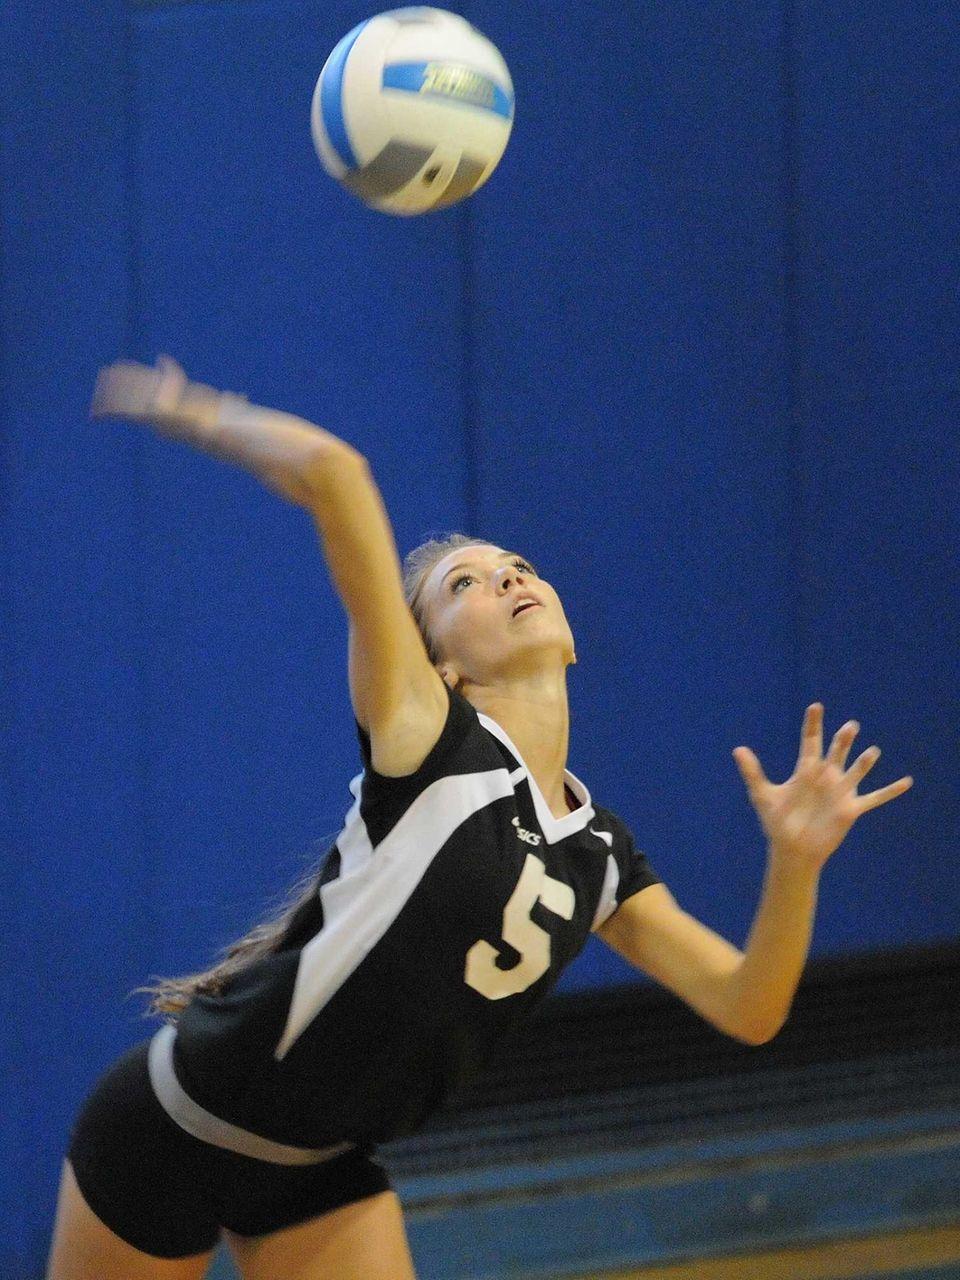 Wantagh's Haley Joyce serves a ball into play